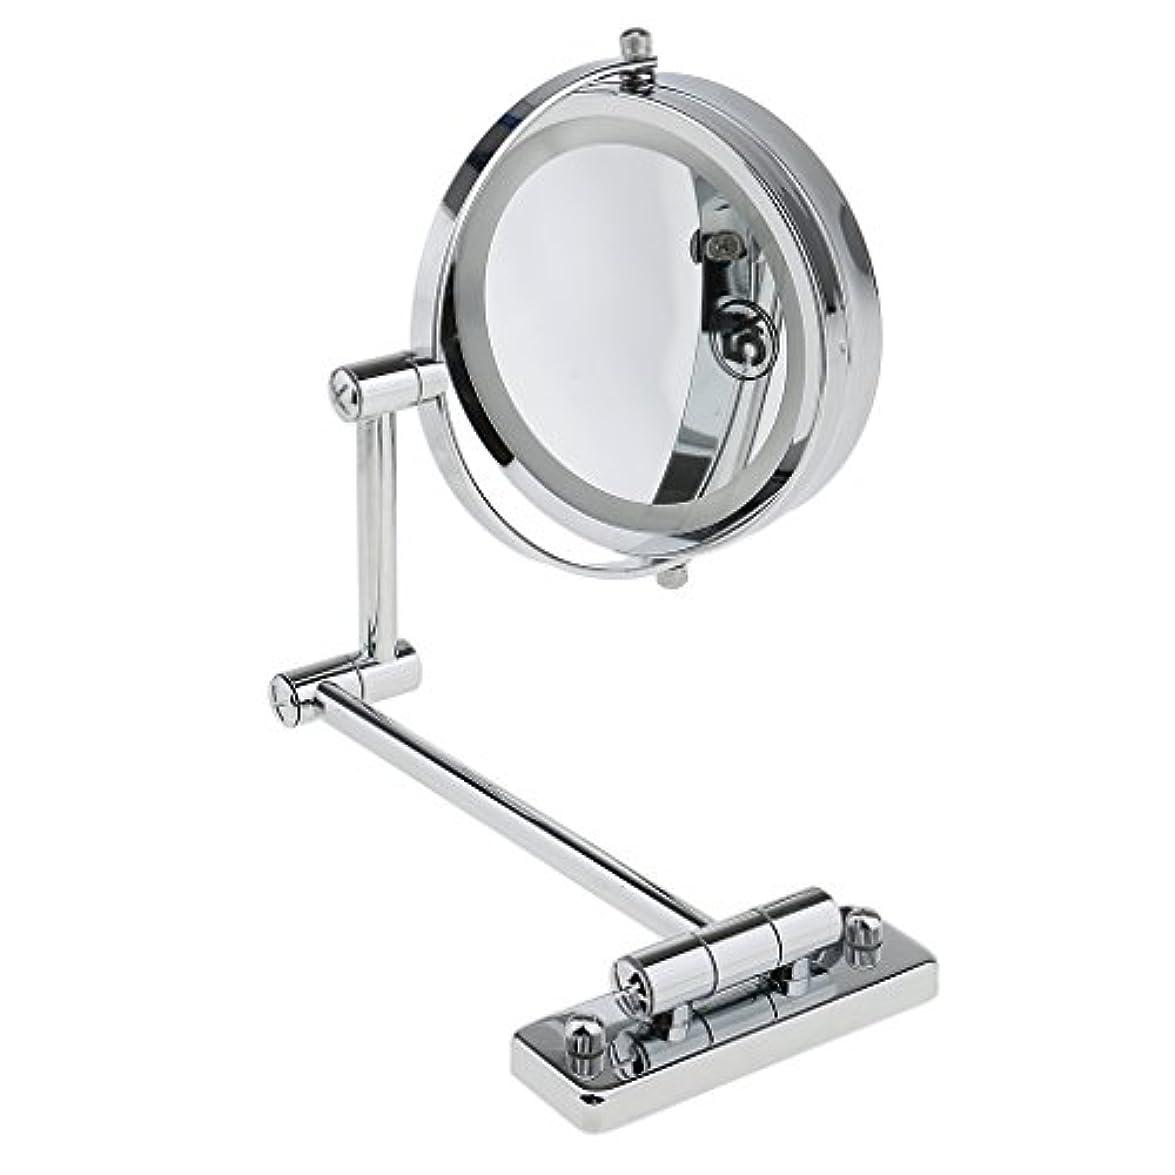 体現する守銭奴娘KOZEEY SMDライト 両面ミラー 壁掛け式 5倍拡大鏡 360度回転 エチケットチェック